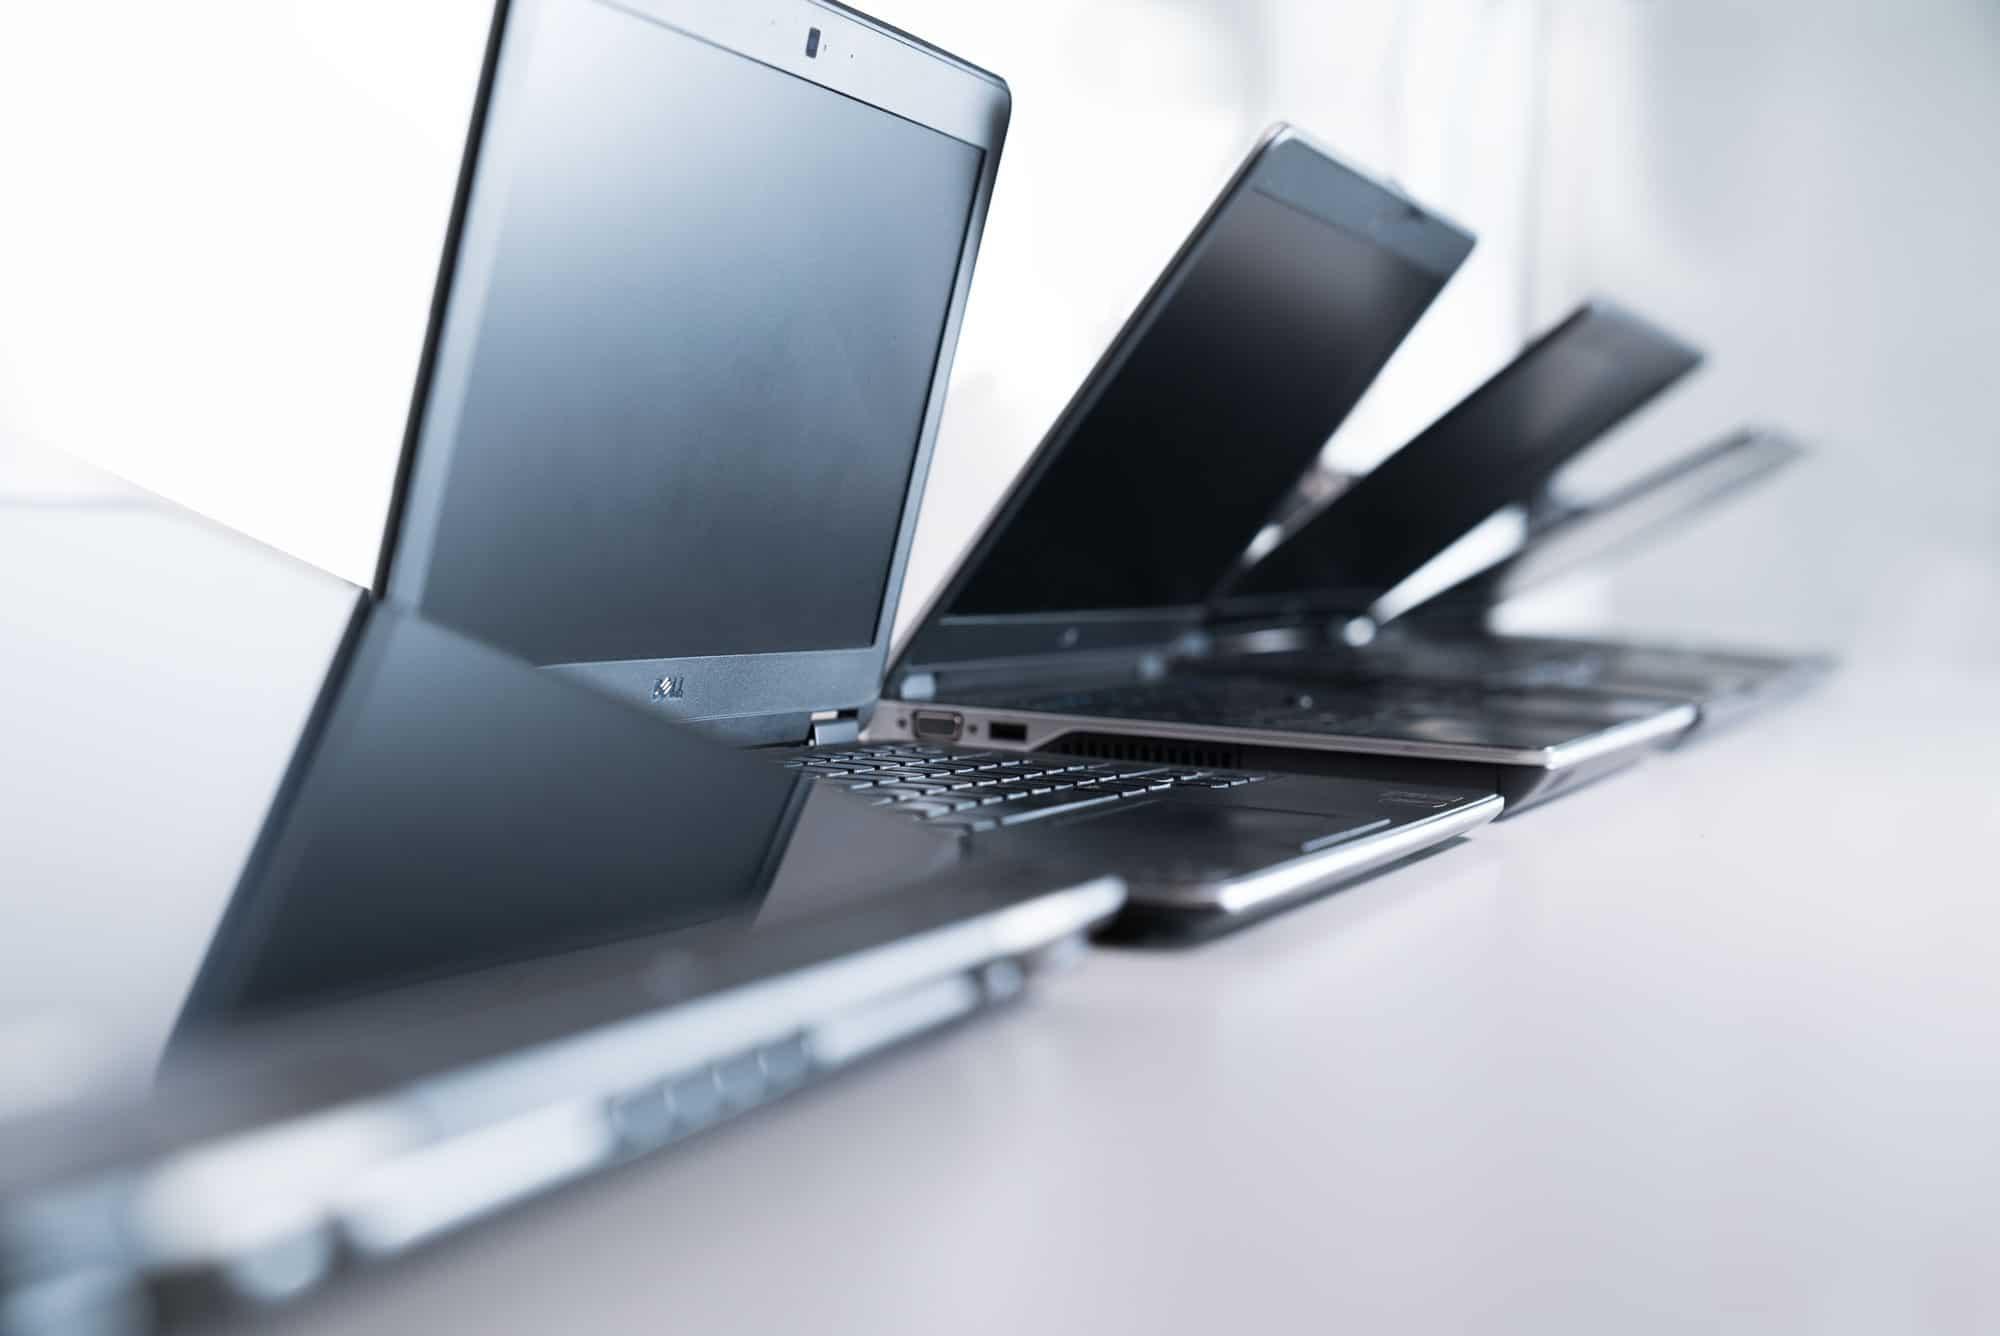 لپ تاب کارکرده,خرید لپ تاپ کارکرده